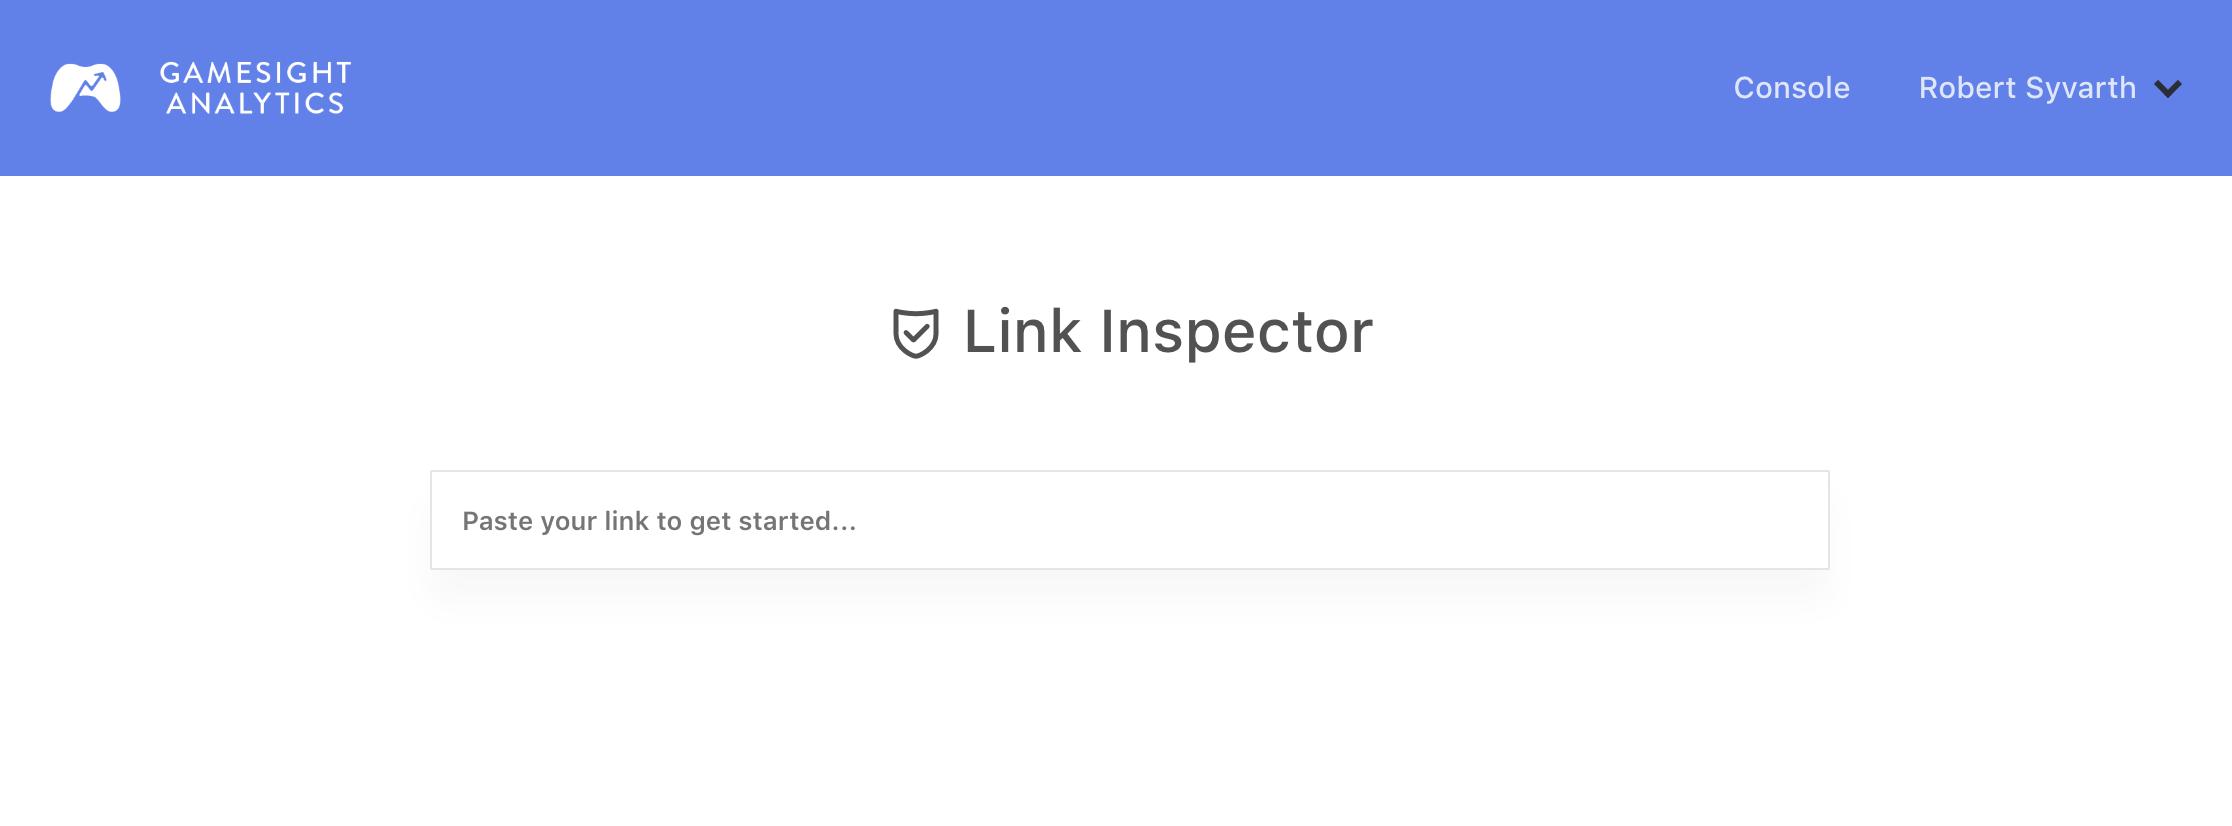 Link Inspector Tool